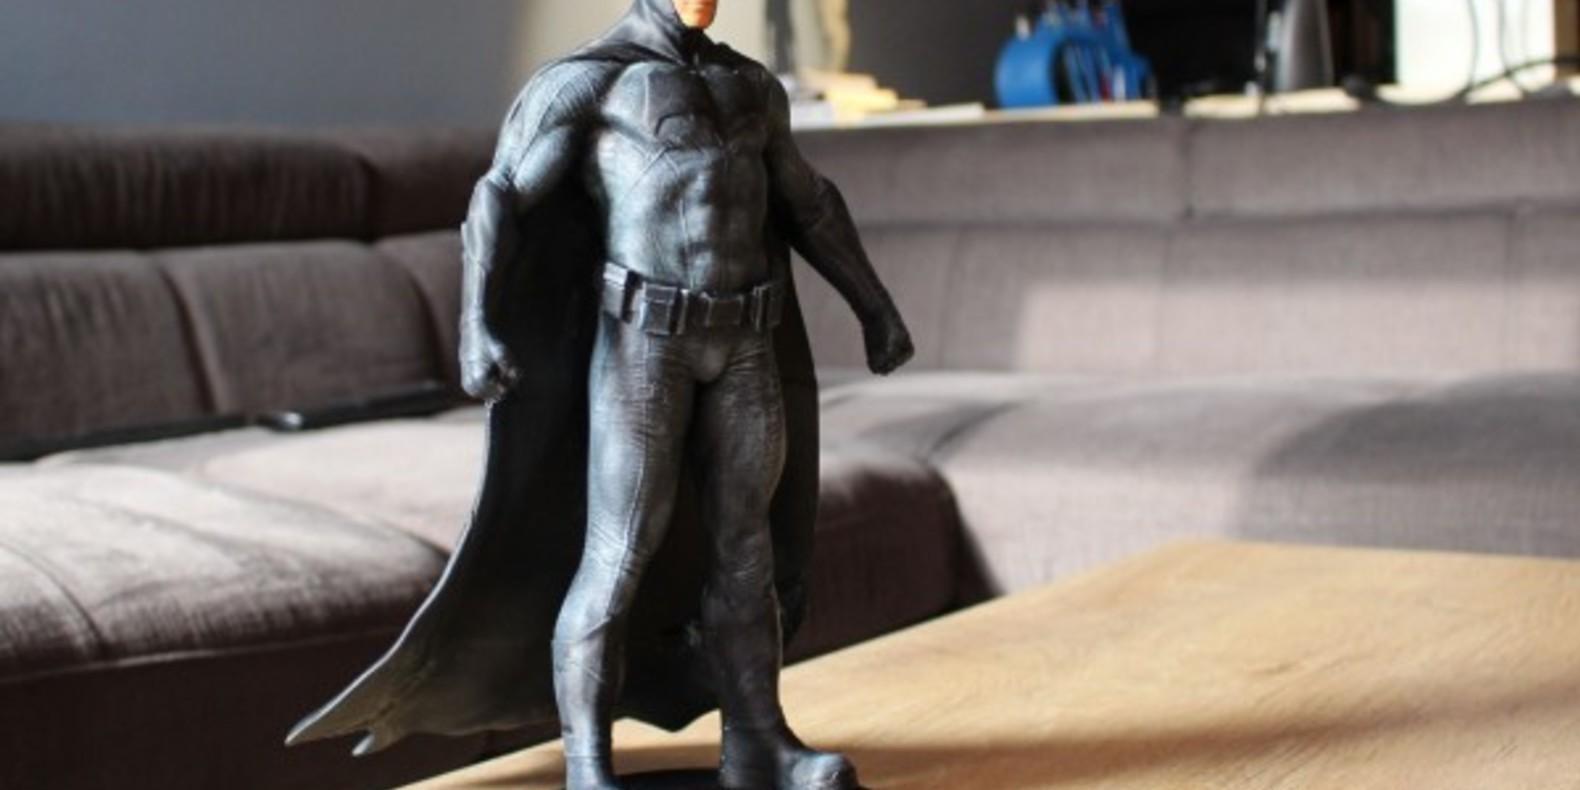 http://fichier3d.fr/wp-content/uploads/2016/02/Batman-vs-superman-ben-affleck-figurine-imprimée-en-3D-statuette-figure-tutus-cults-stl-fichier-3D-3.jpg